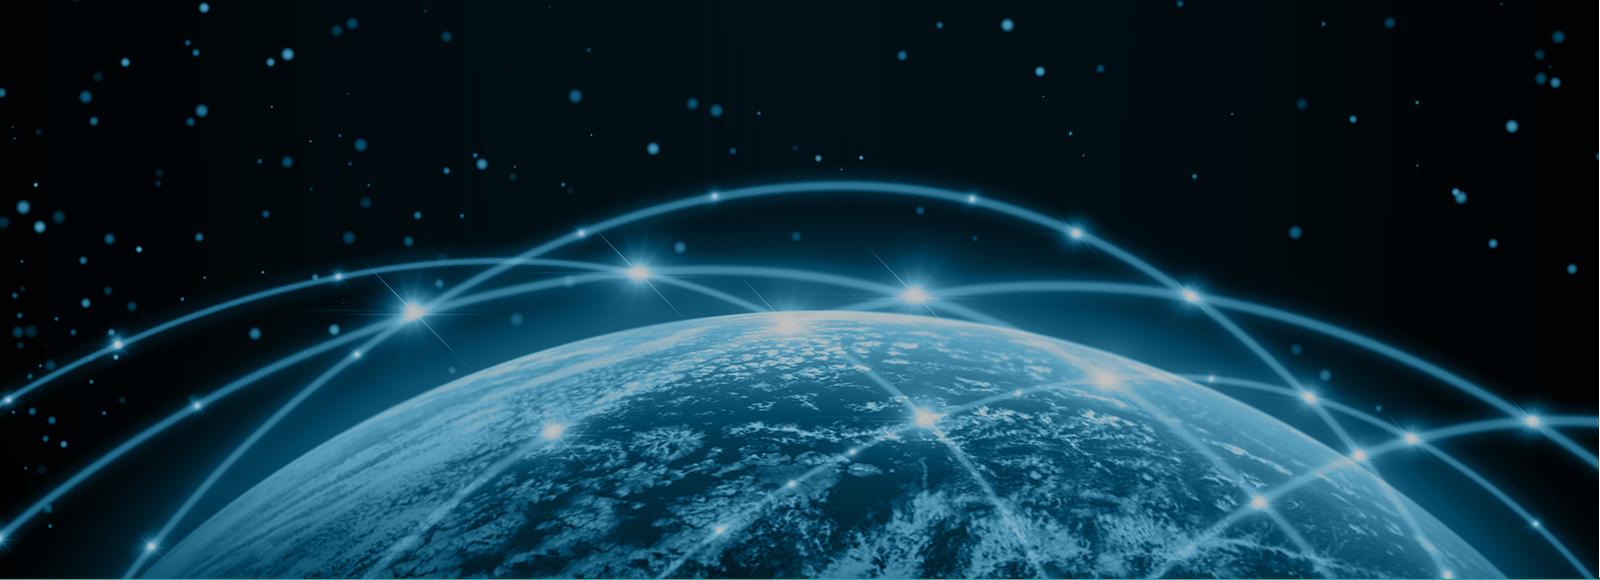 公众号:Linux云计算网络 - 独家号